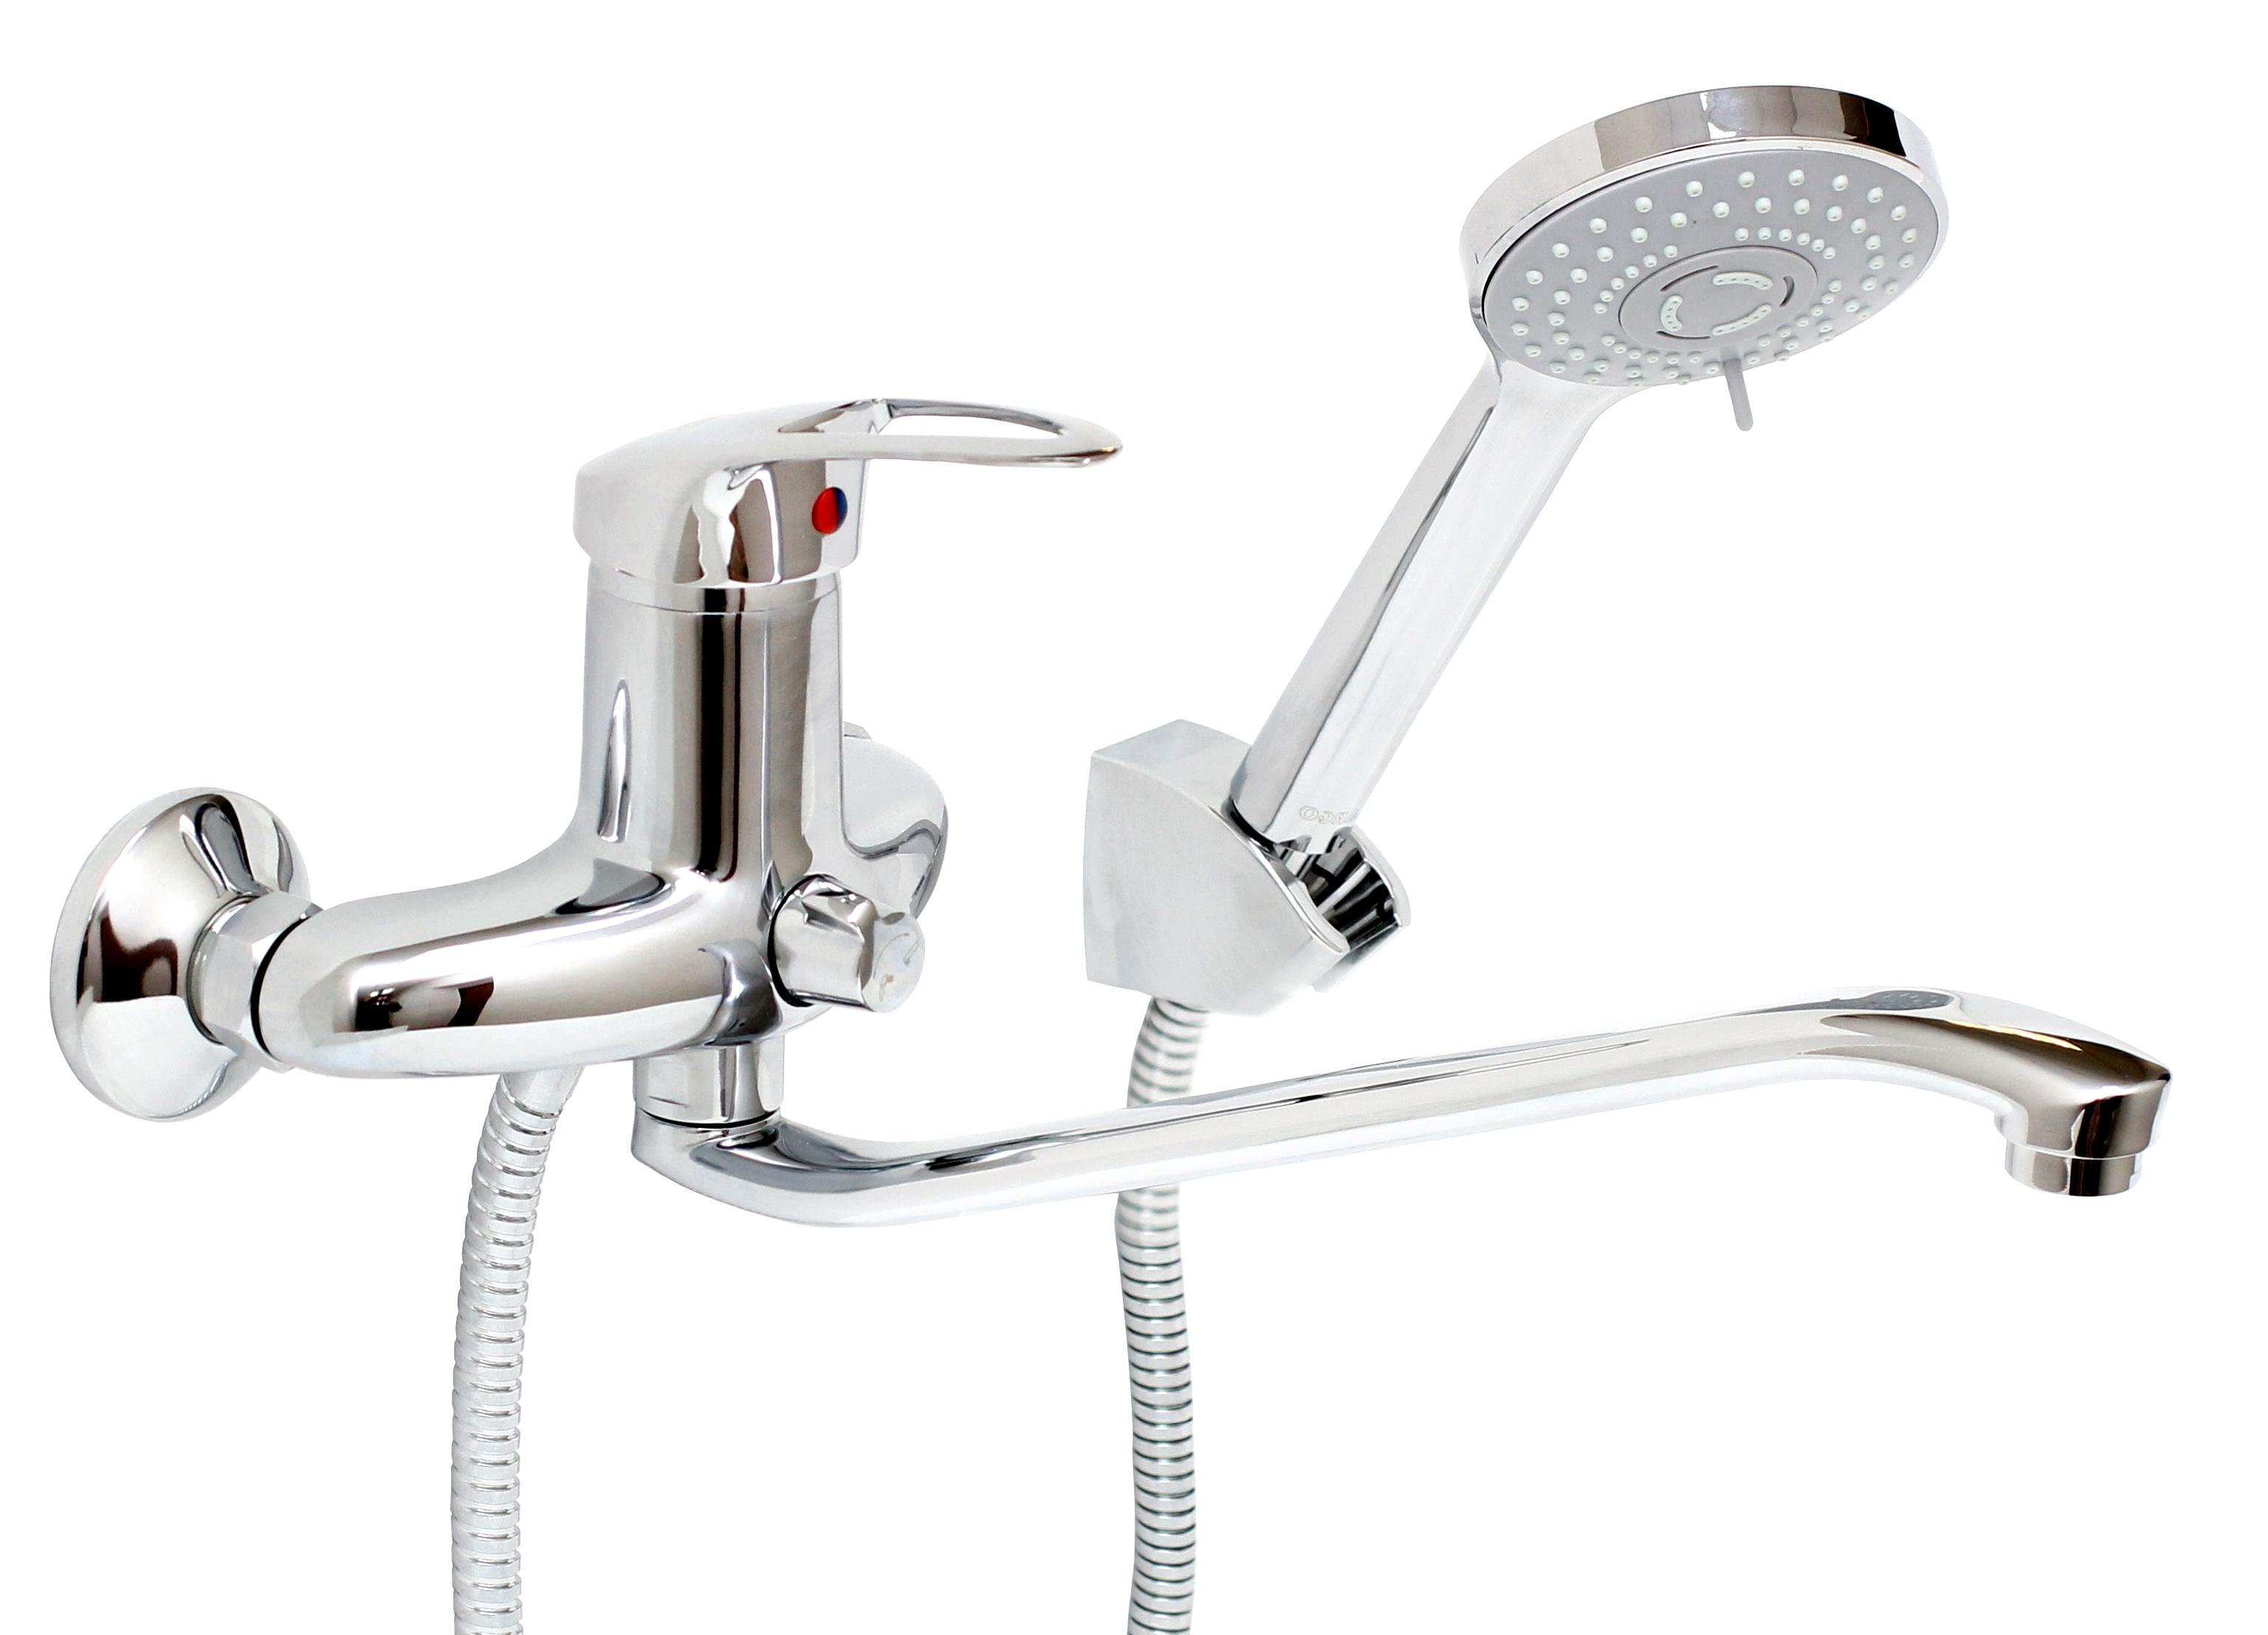 Смеситель для ванны ArgoСмесители<br>Назначение смесителя: для ванны и душа,<br>Тип управления смесителя: однорычажный,<br>Цвет покрытия: хром,<br>Стиль смесителя: модерн,<br>Монтаж смесителя: вертикальный,<br>Тип установки смесителя: настенный,<br>Материал смесителя: латунь,<br>Излив: традиционный,<br>Аэратор: есть,<br>Лейка: есть,<br>Родина бренда: Россия<br>